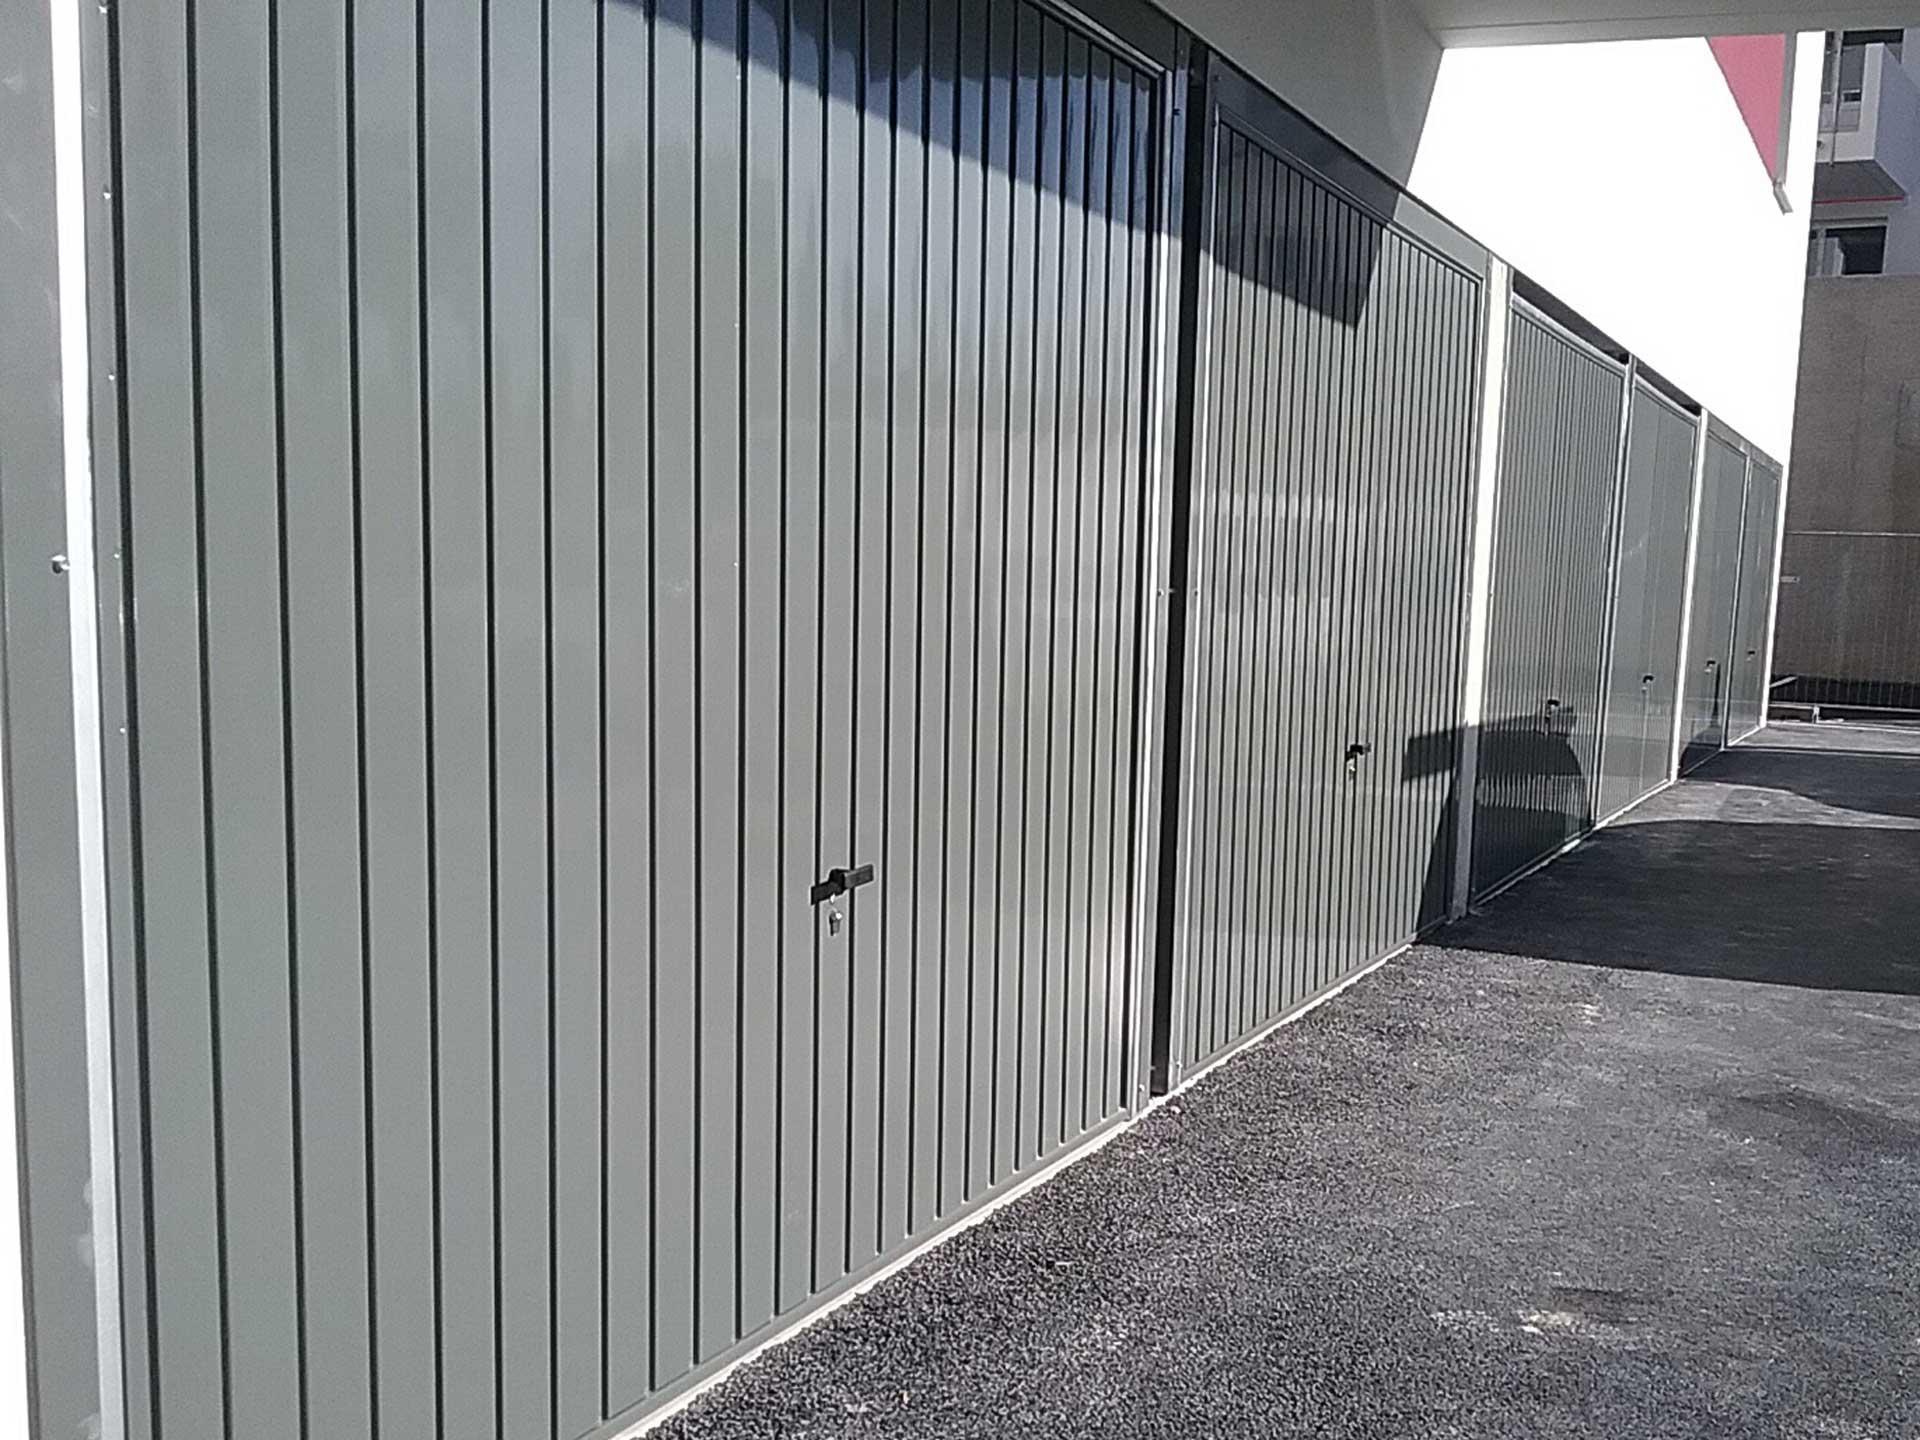 Vente de portes intérieures pour boxes et portes de garage avec Sim Fermetures à Perpignan